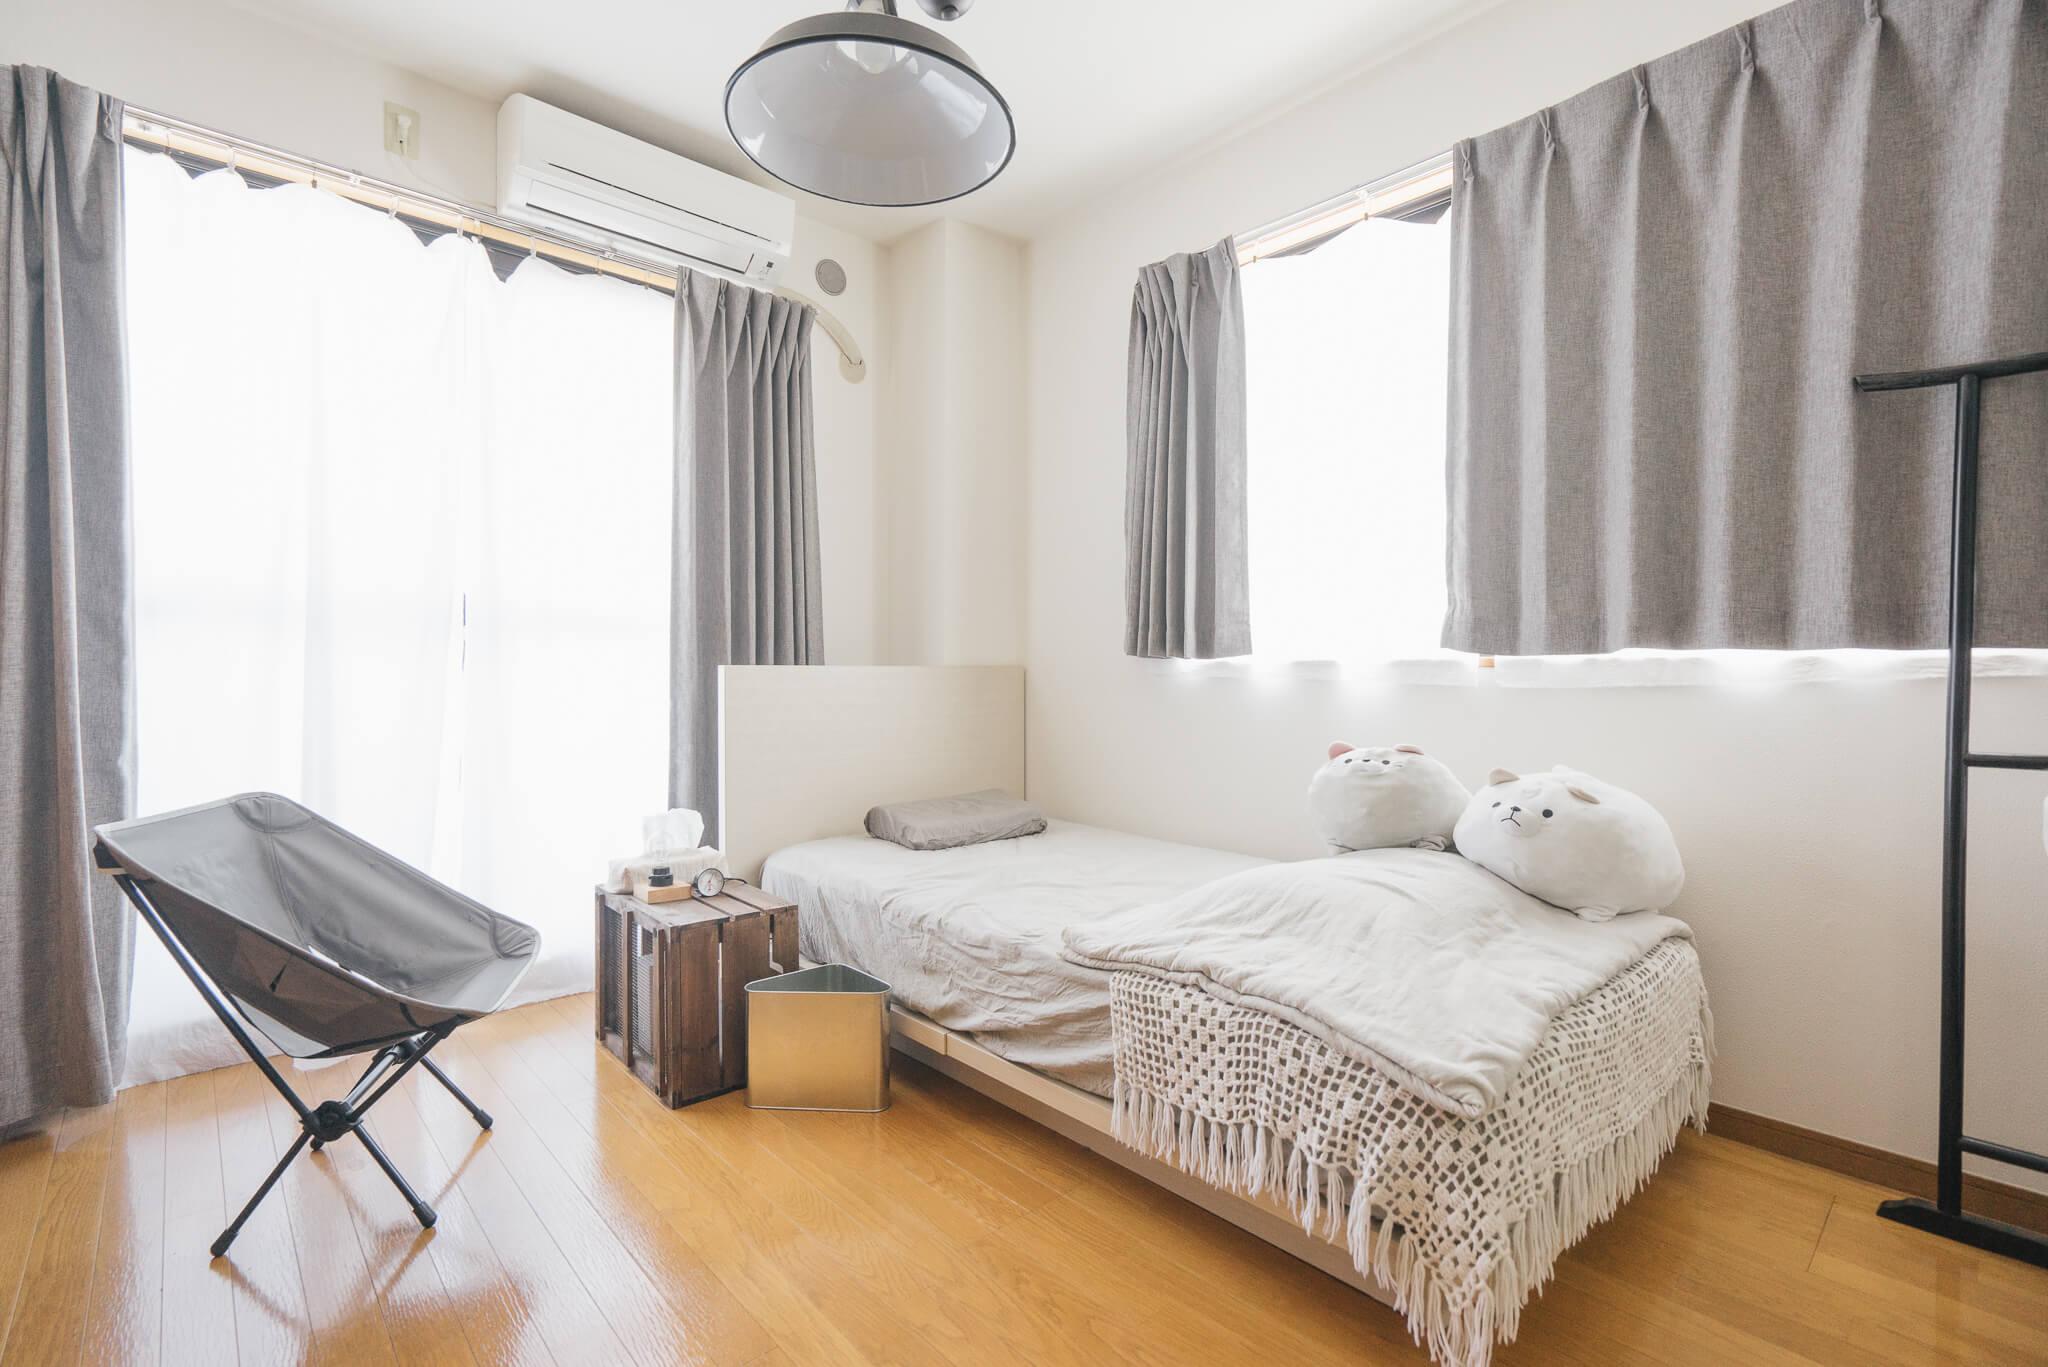 アウトドアチェアの定番、ヘリノックス。 包み込むような座り心地と、座面の低さから、一人暮らしのお部屋のメインチェアとして意外に大活躍します。(このお部屋はこちら)